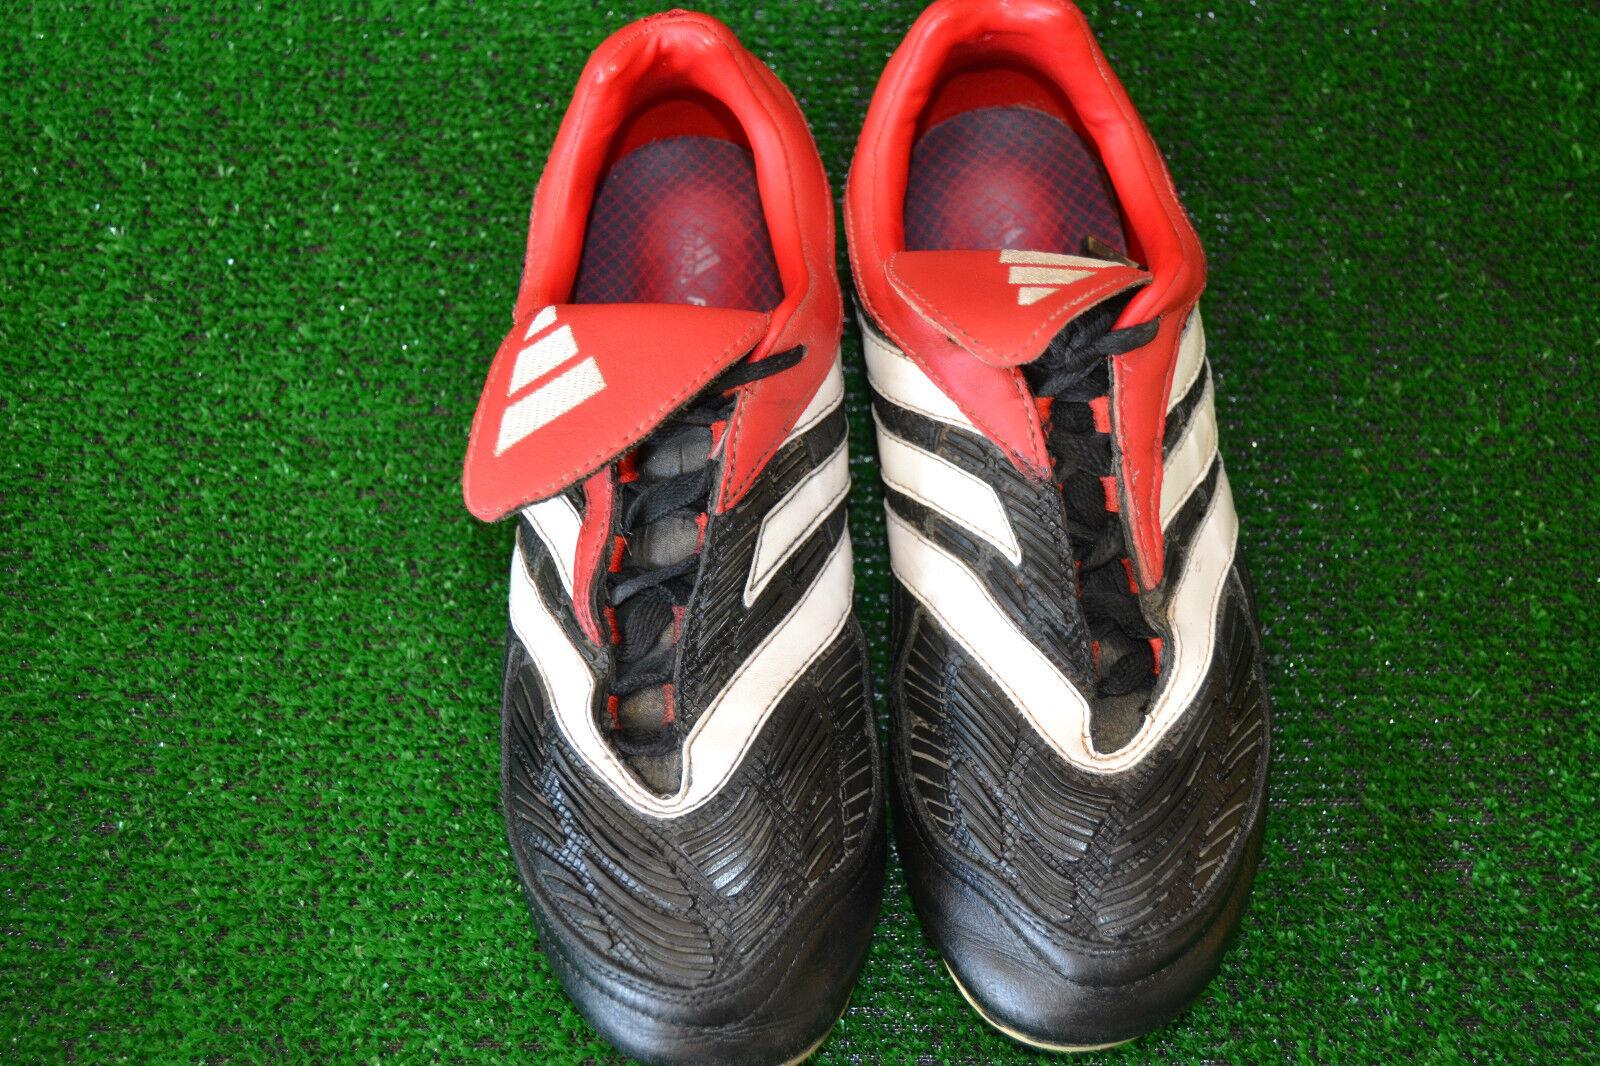 De Colección Adidas Projoator karnivor FG botas De Fútbol Tacos UE